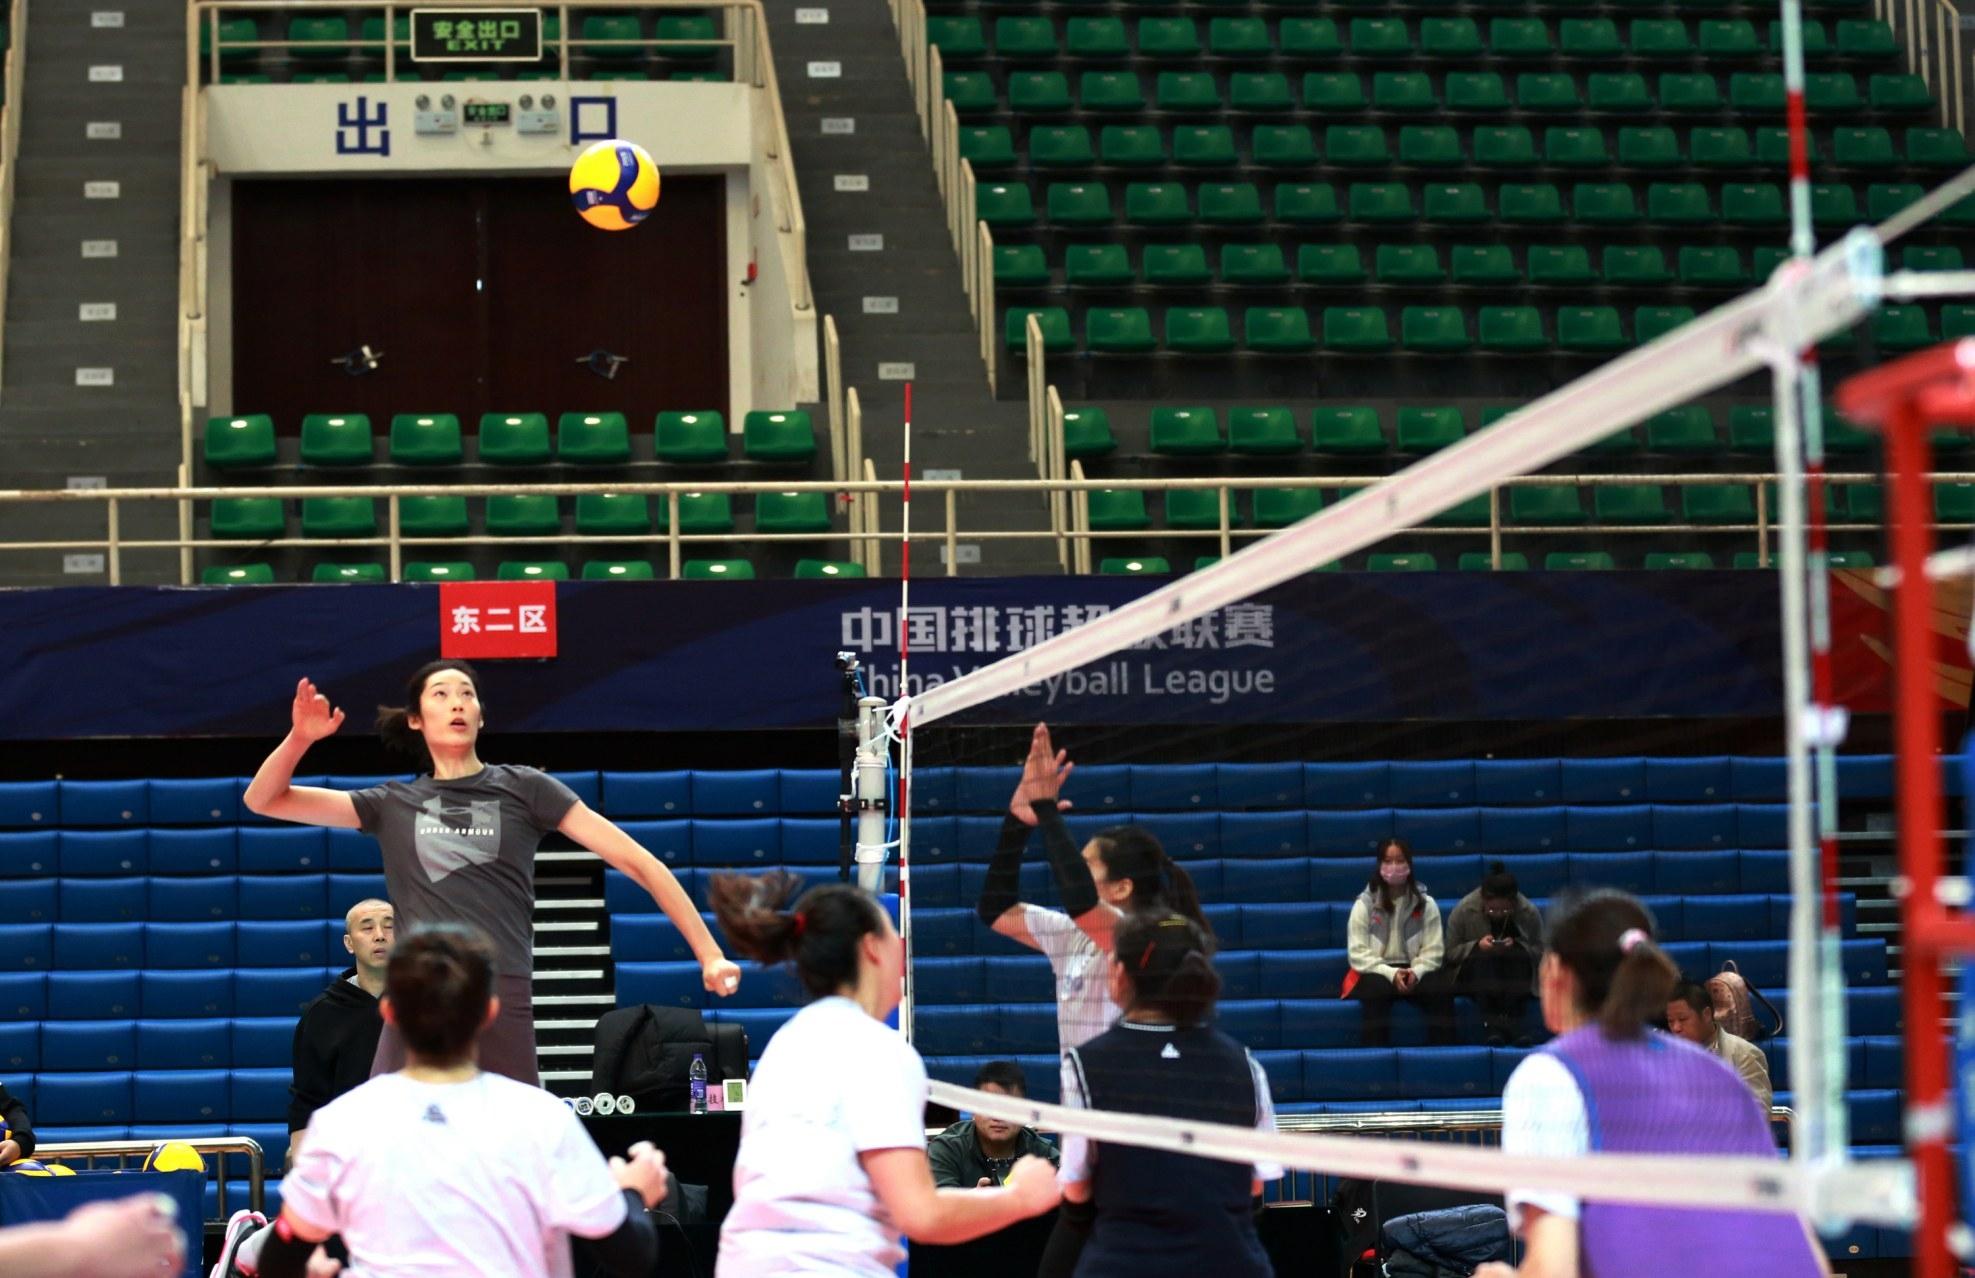 排球明星朱婷来许昌了,11月19日19时比赛打响